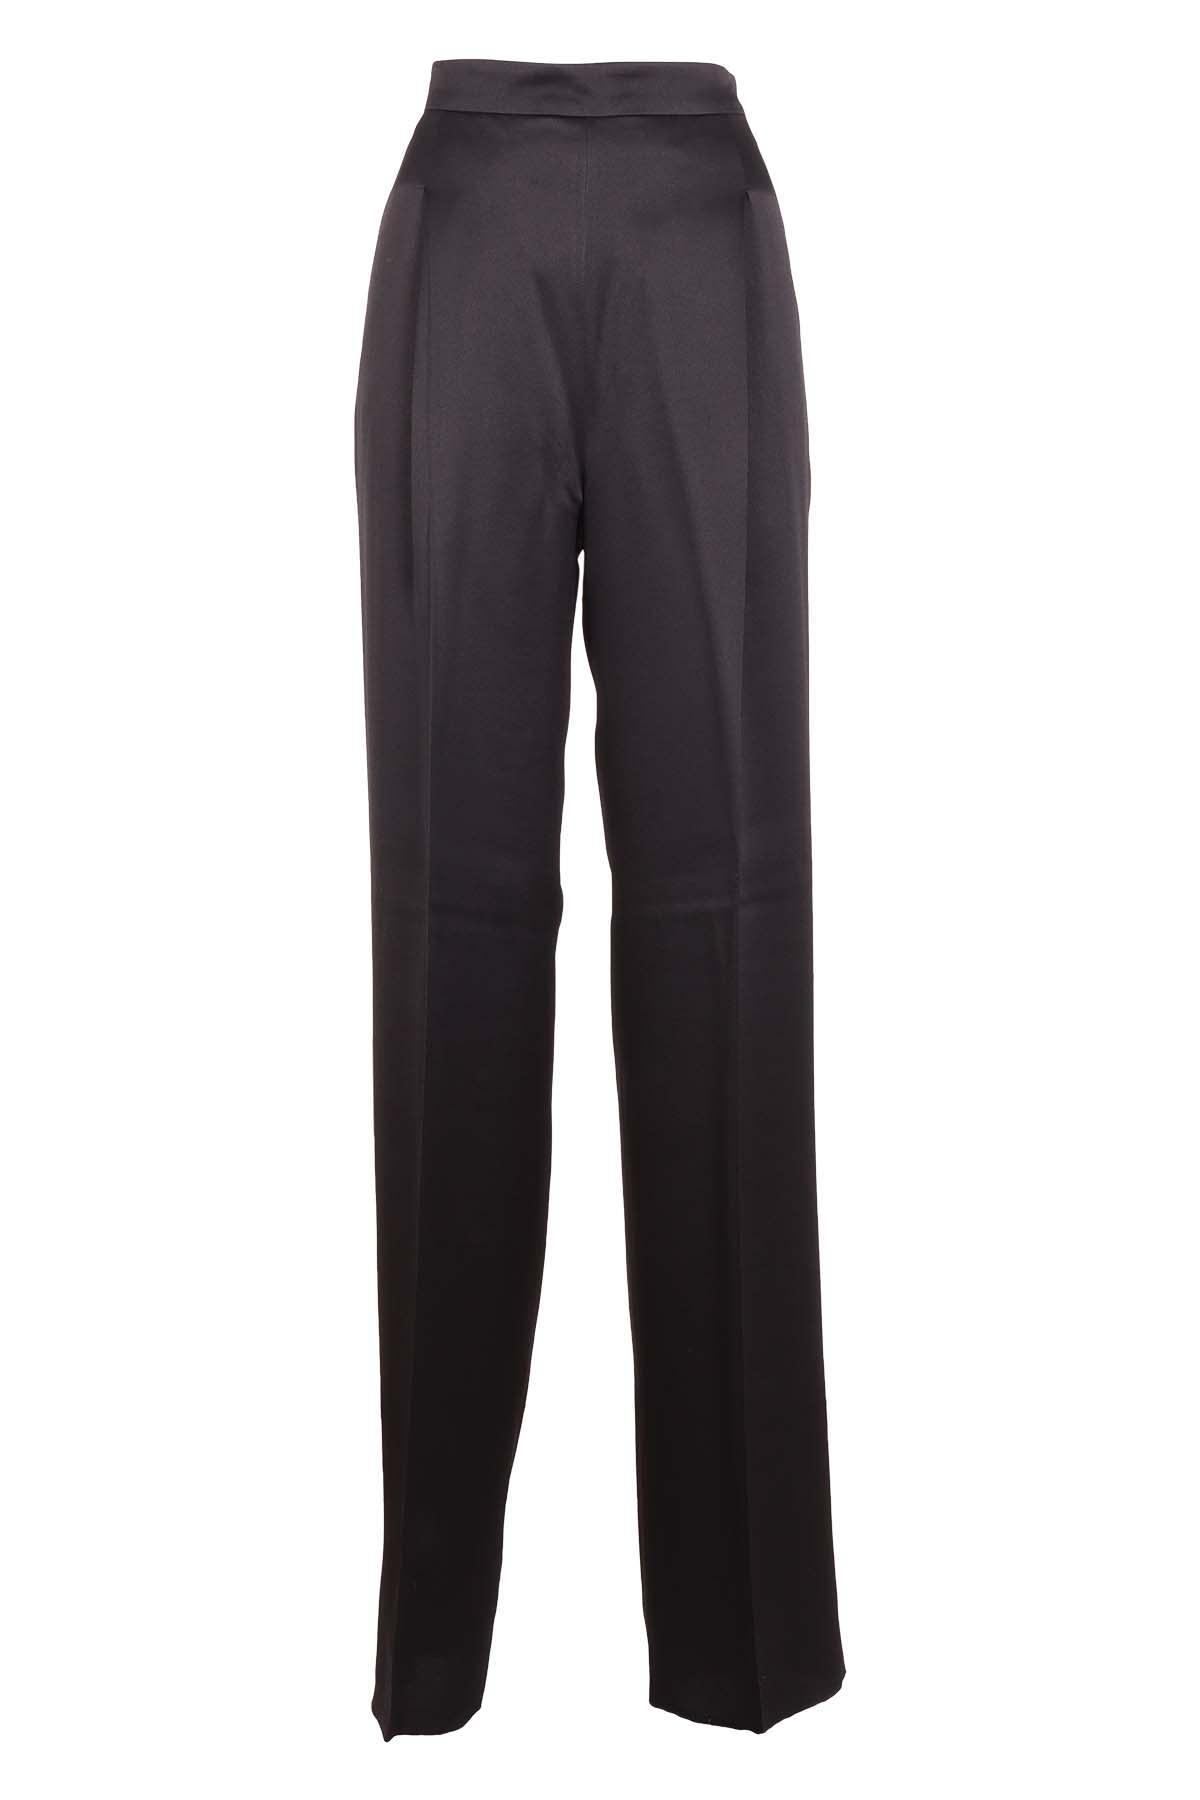 Trousers Max Mara Pianoforte